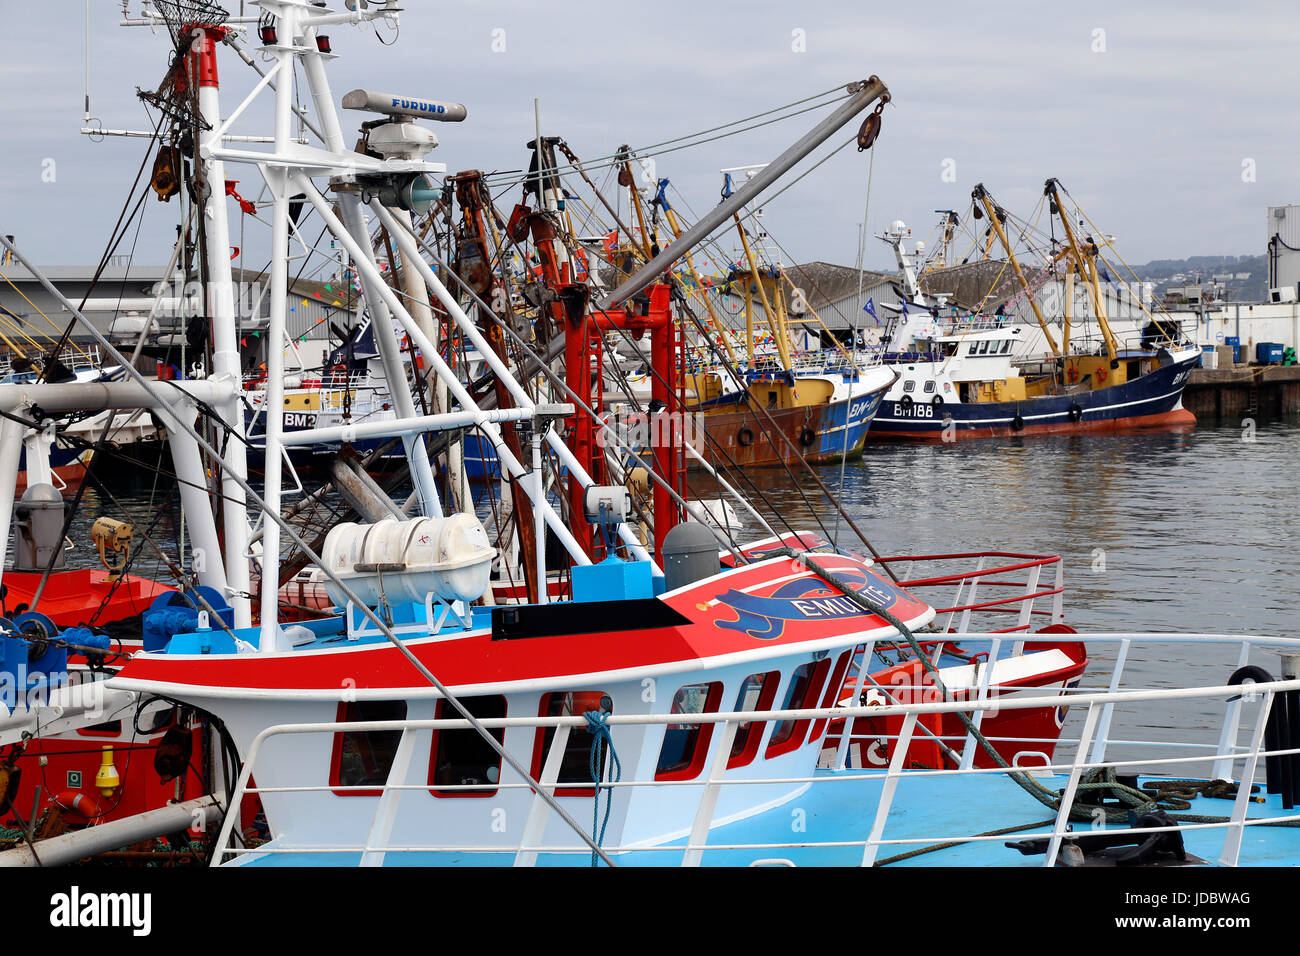 Embarcación de Devon,un barco u otro recipiente que viaja sobre el agua. Aldea, aldeas, embarcaciones, embarcaciones Foto de stock